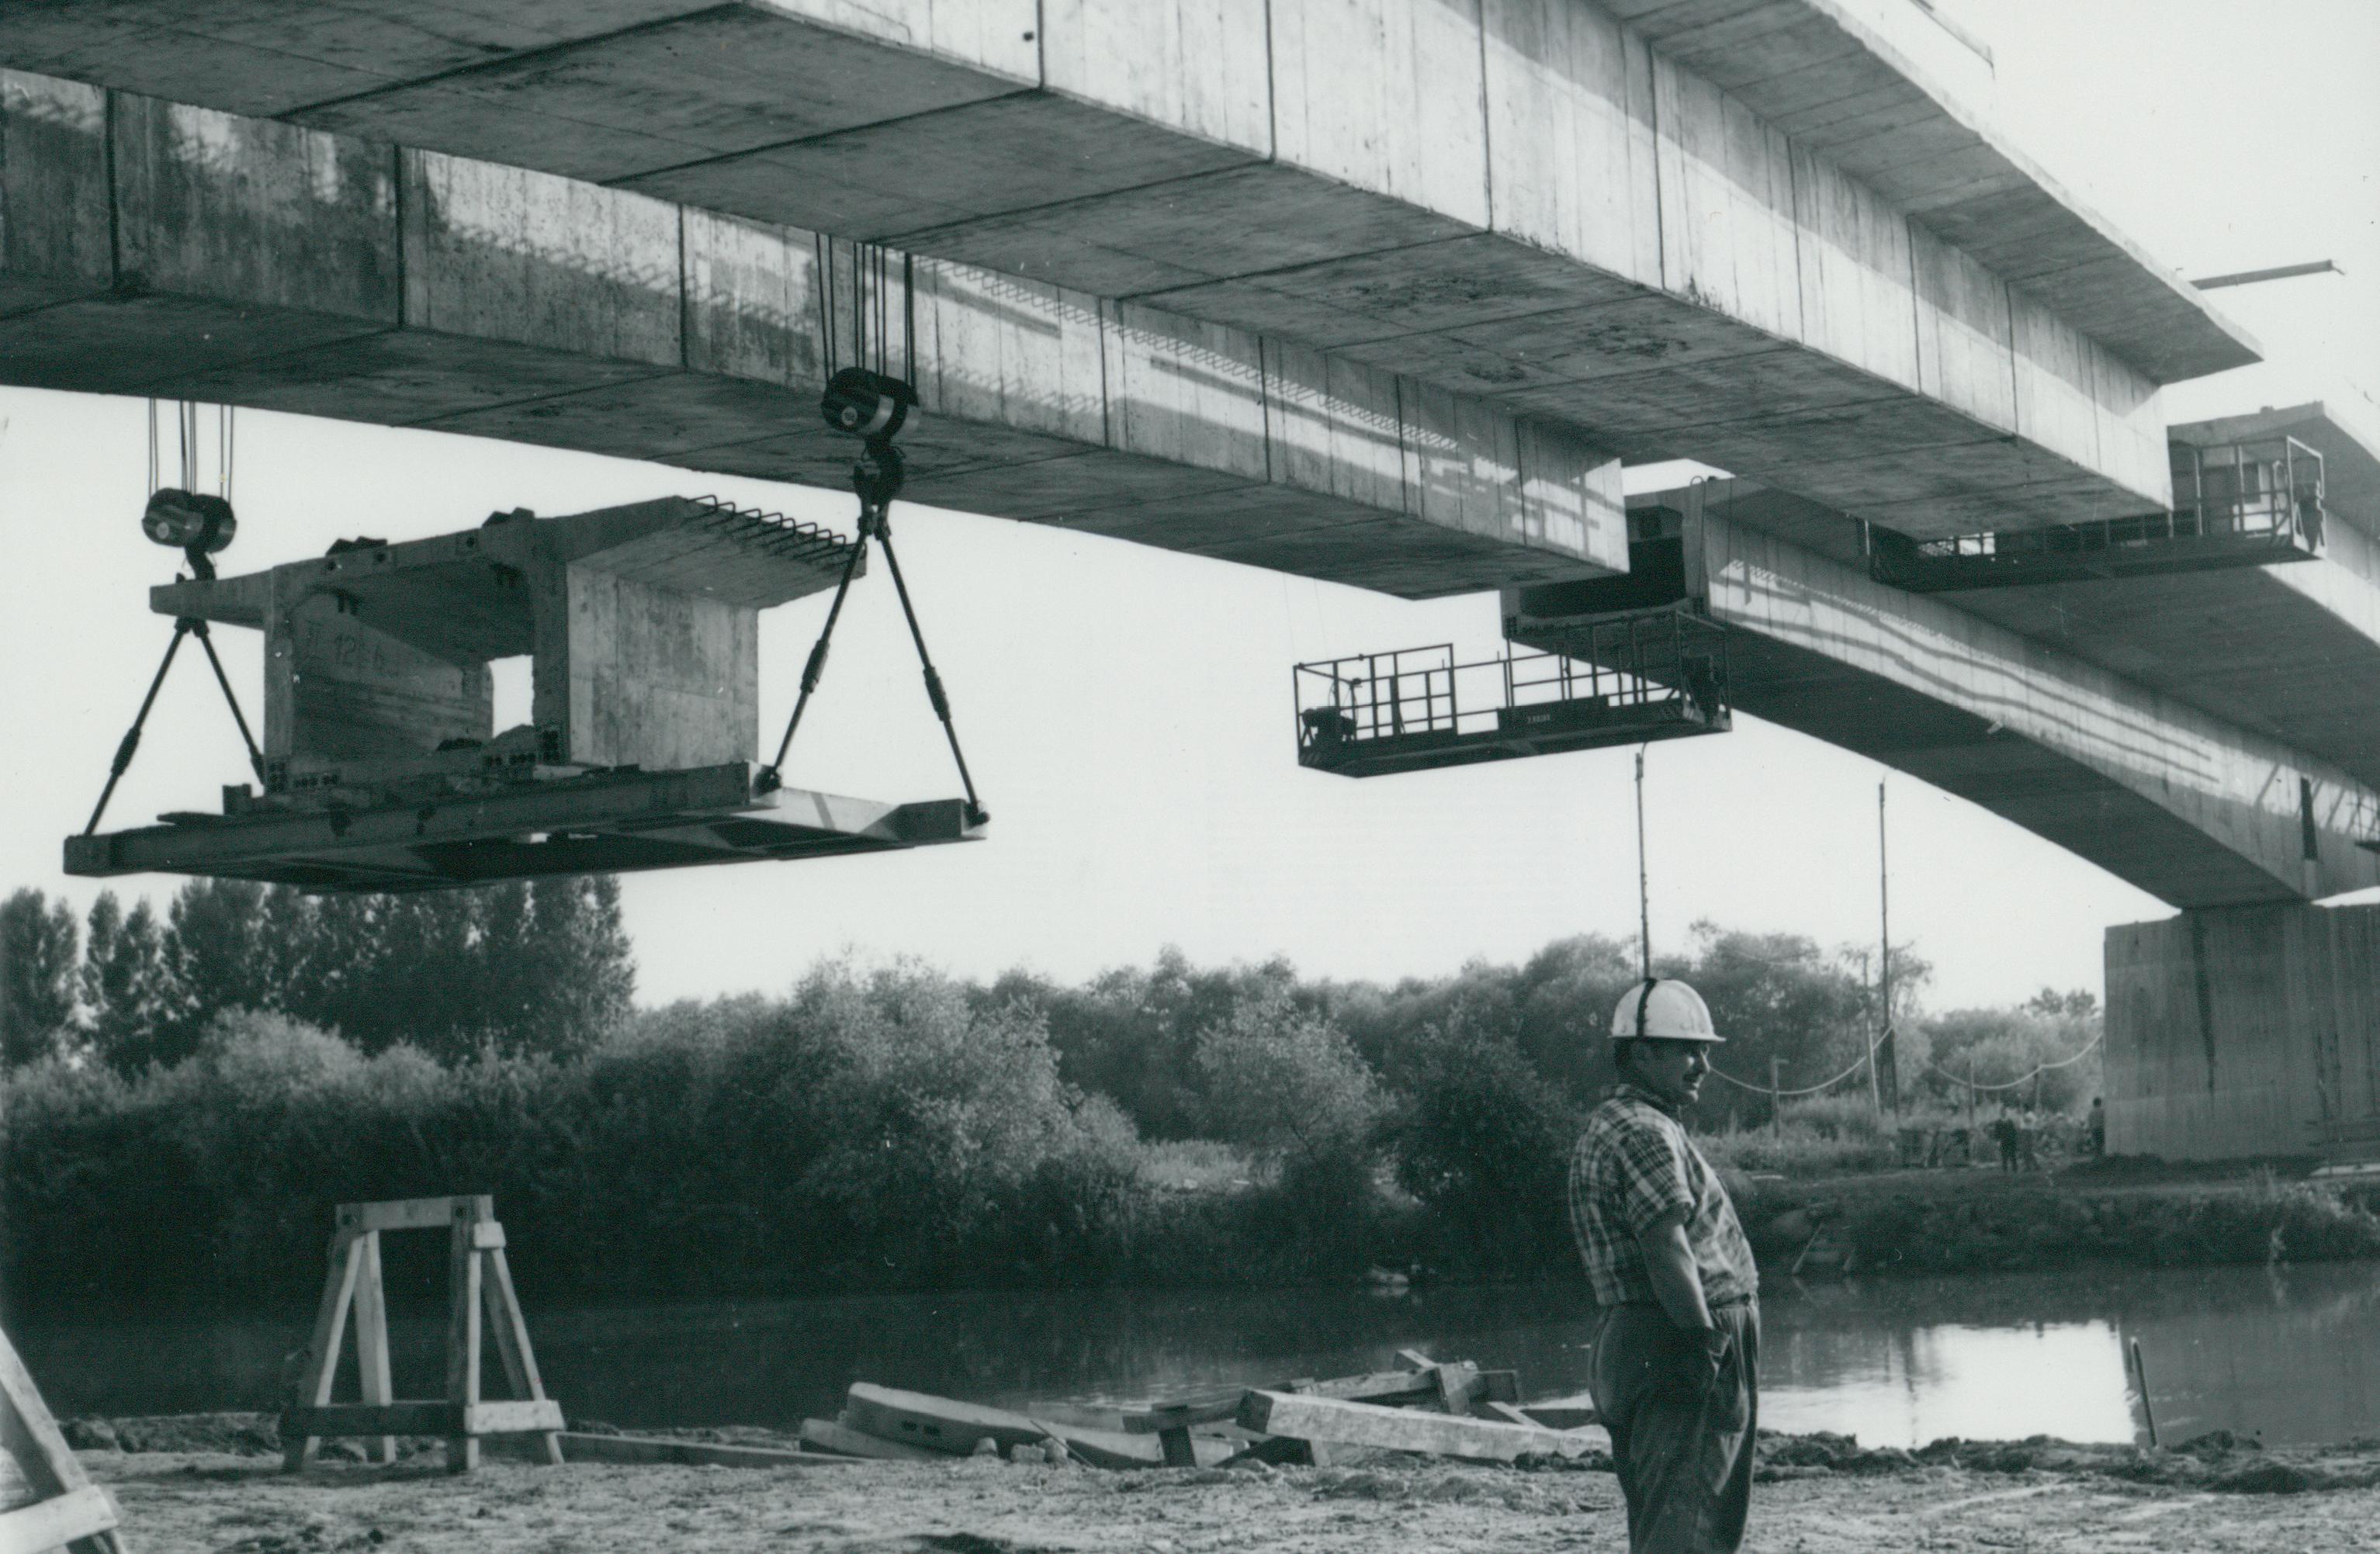 A köröstarcsai Kettős-Körös-híd beemelése